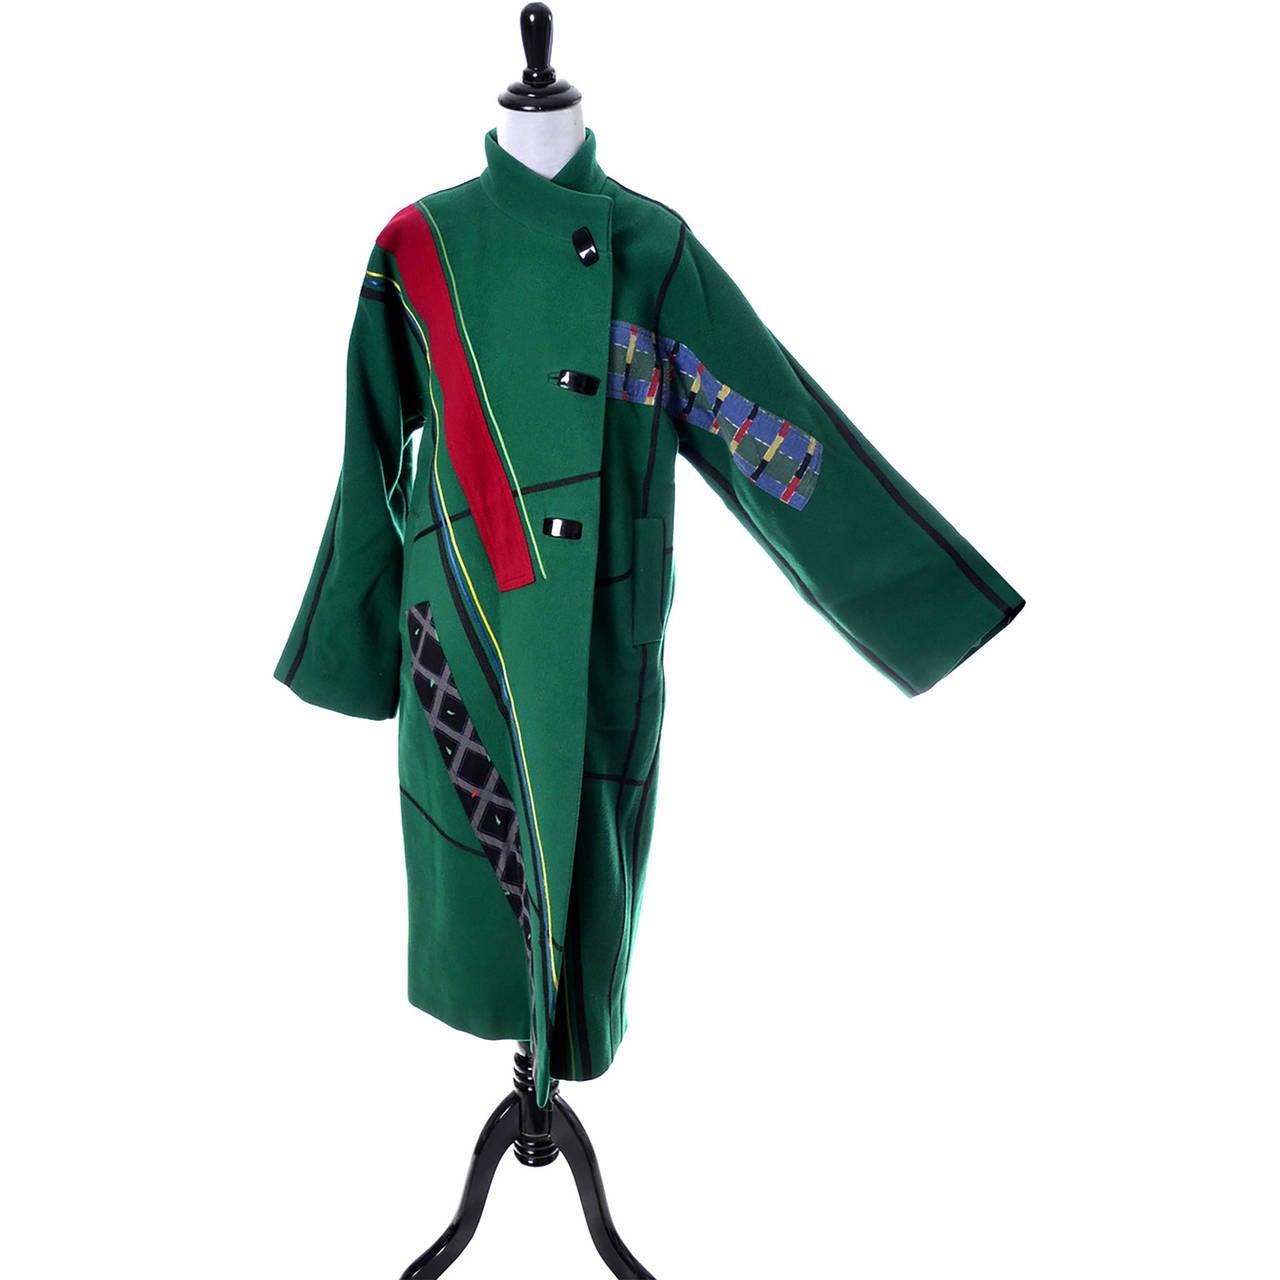 Koos Van Den Akker Vintage Coat Artisan Patchwork Collage Green Wool 2